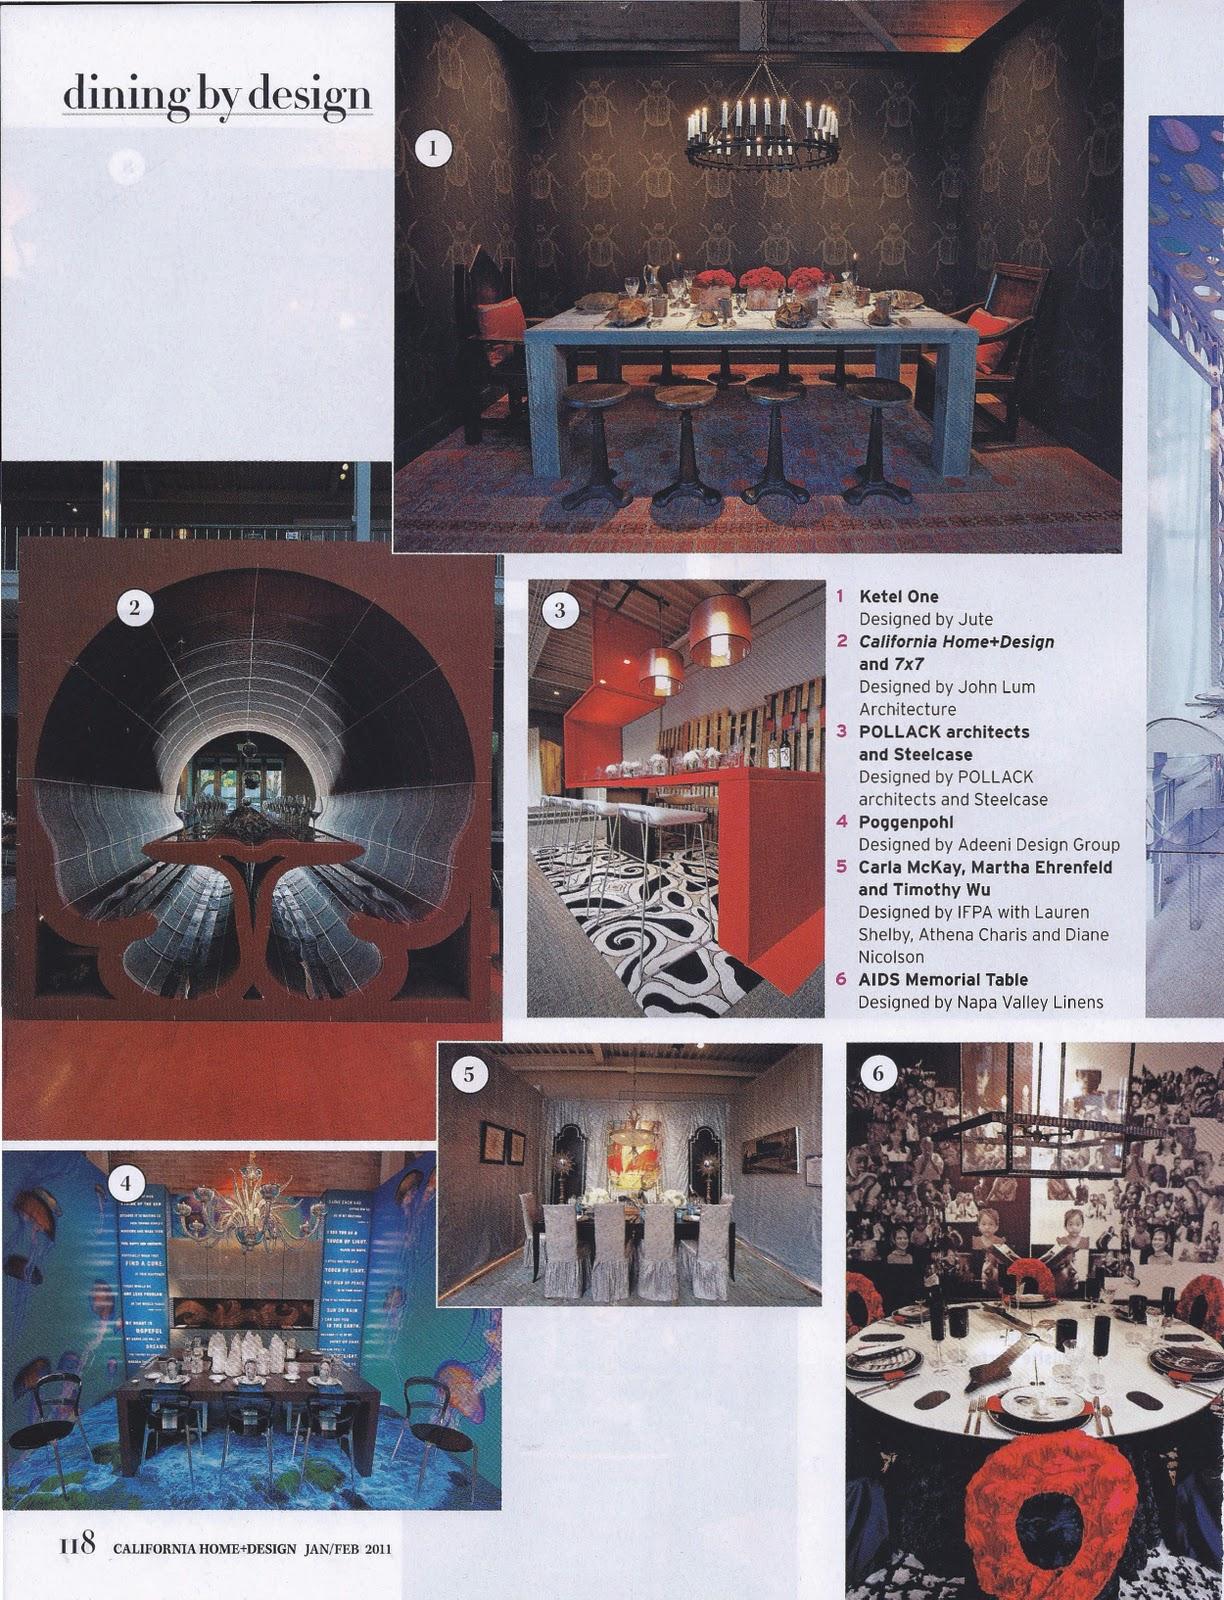 Marie Lantern In California Home And Design Mclain Wiesand